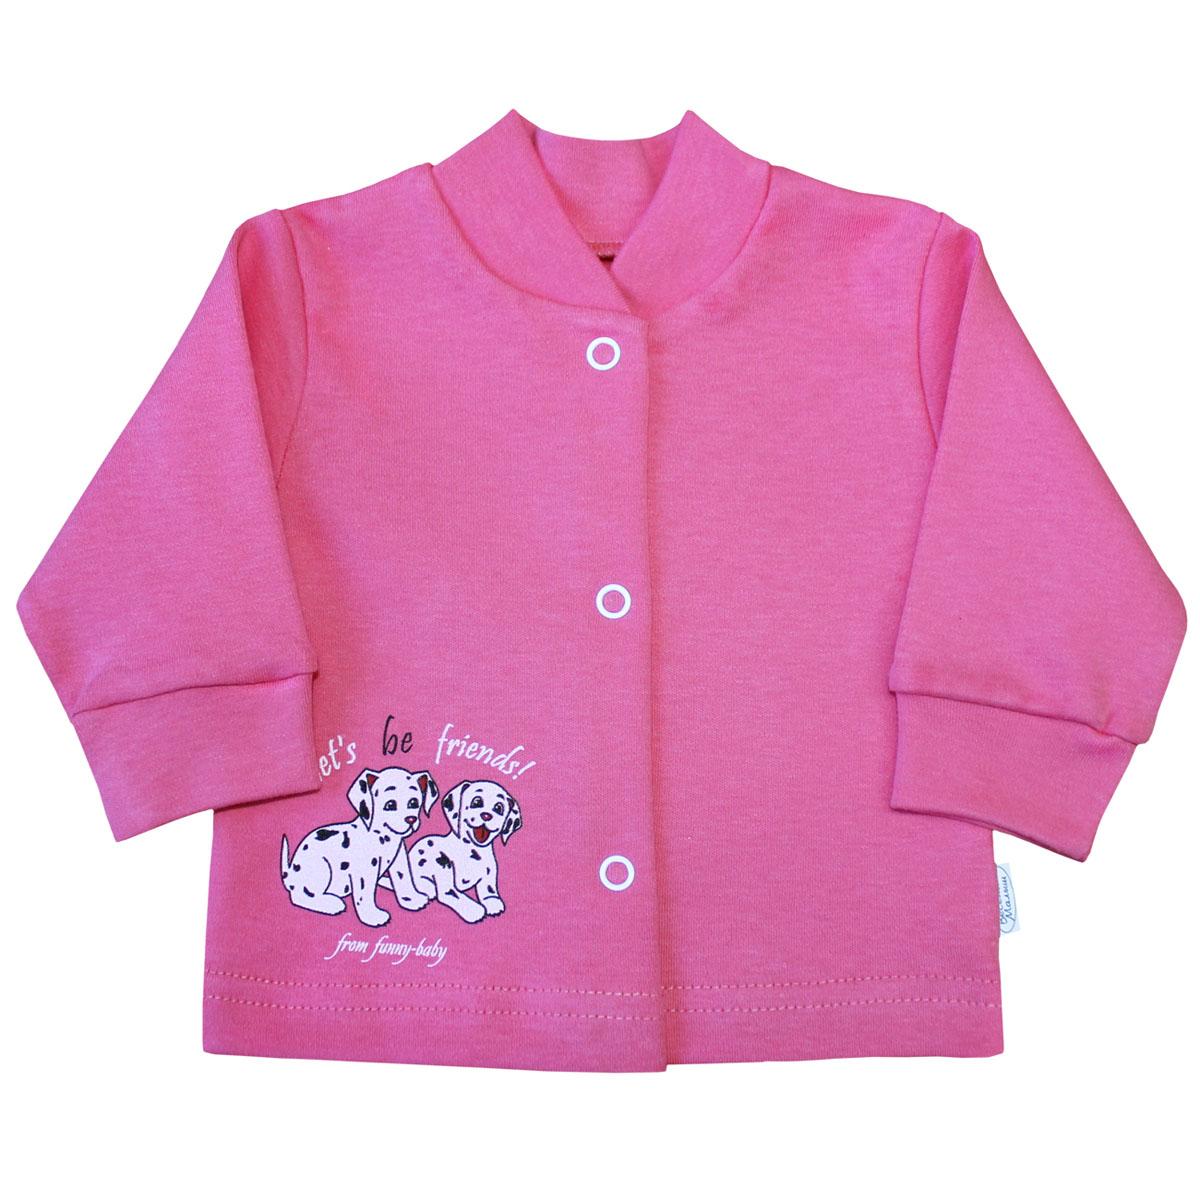 Кофточка для девочки Веселый малыш Далматинцы, цвет: розовый. 22322/да-D (1). Размер 7422322Кофточка для девочки с длинными рукавами послужит идеальным дополнением к гардеробу вашего малыша, обеспечивая ему наибольший комфорт. Изготовленная из качественного материала, она необычайно мягкая и легкая, не раздражает нежную кожу ребенка и хорошо вентилируется, а эластичные швы приятны телу младенца и не препятствуют его движениям. Удобные застежки-кнопки по всей длине помогают легко переодеть ребенка. Рукава понизу дополнены трикотажными манжетами, которые мягко обхватывают запястья, понизу также проходит широкая трикотажная резинка. Модель оформлена оригинальной аппликацией-нашивкой в виде забавной зверушки. Кофточка полностью соответствует особенностям жизни ребенка в ранний период, не стесняя и не ограничивая его в движениях. В ней ваш ребенок всегда будет в центре внимания.